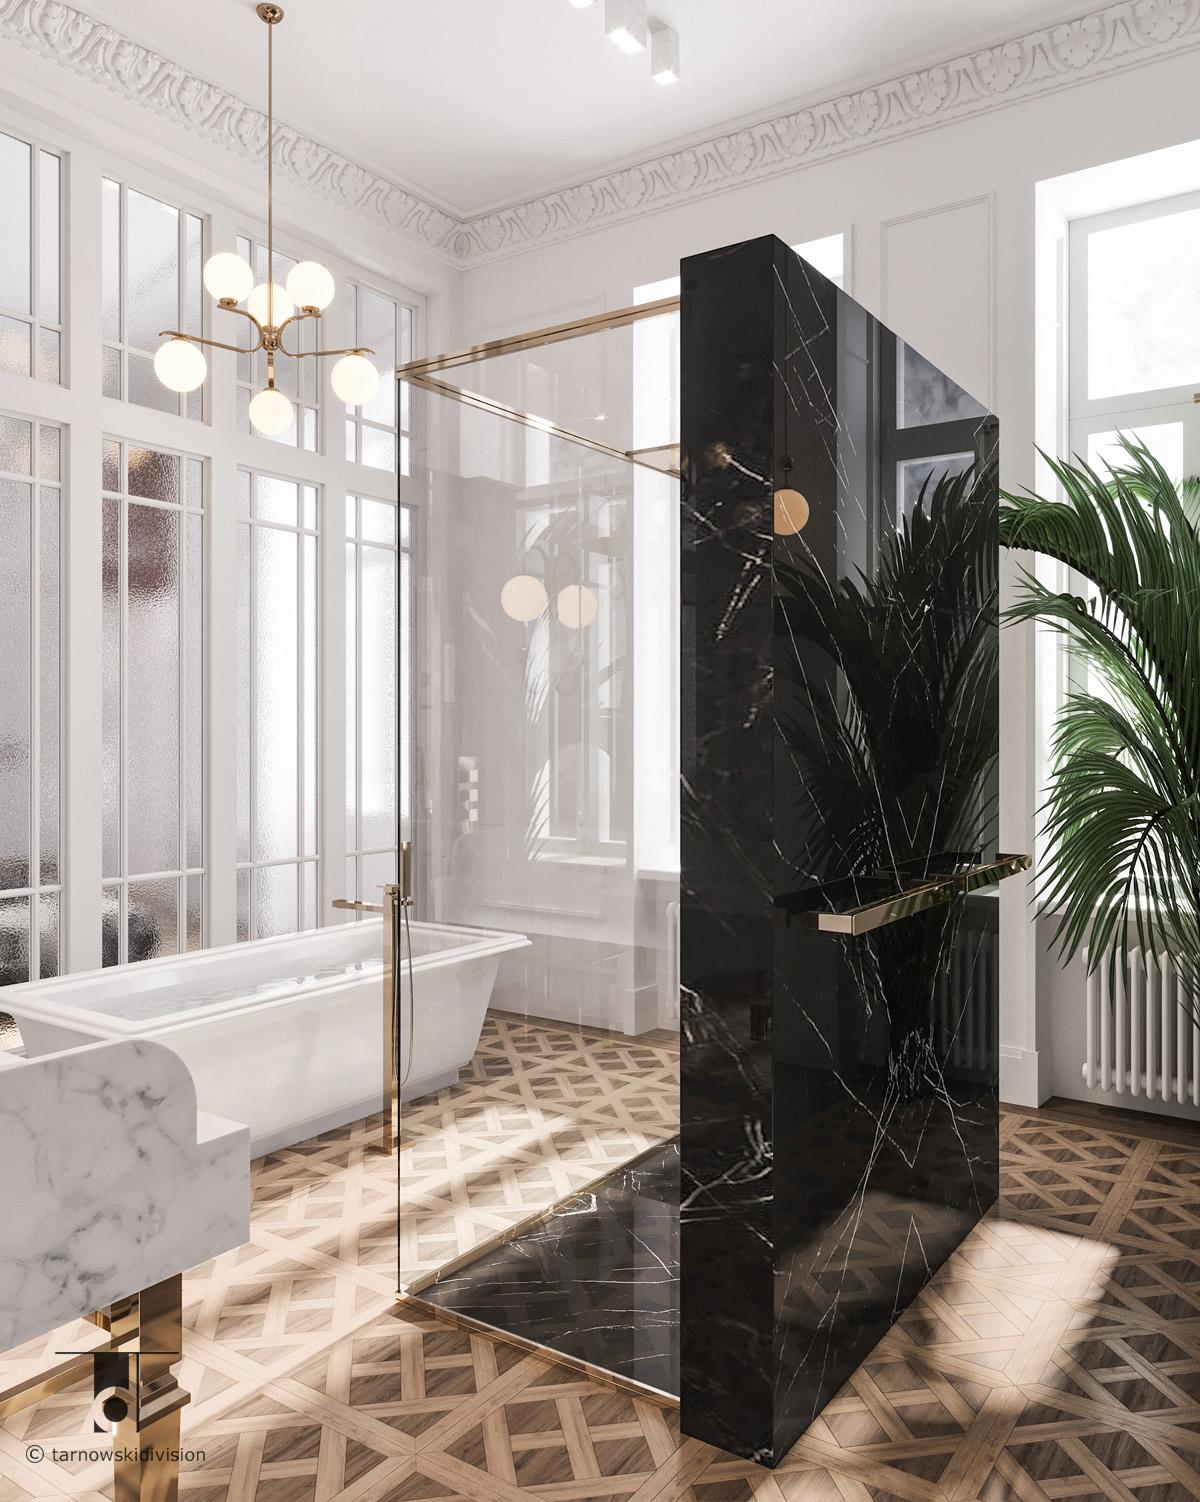 klasyczna luksusowa łazienka elegancki pokój kąpielowy classic luxury bathroom interior design_tarnowski division